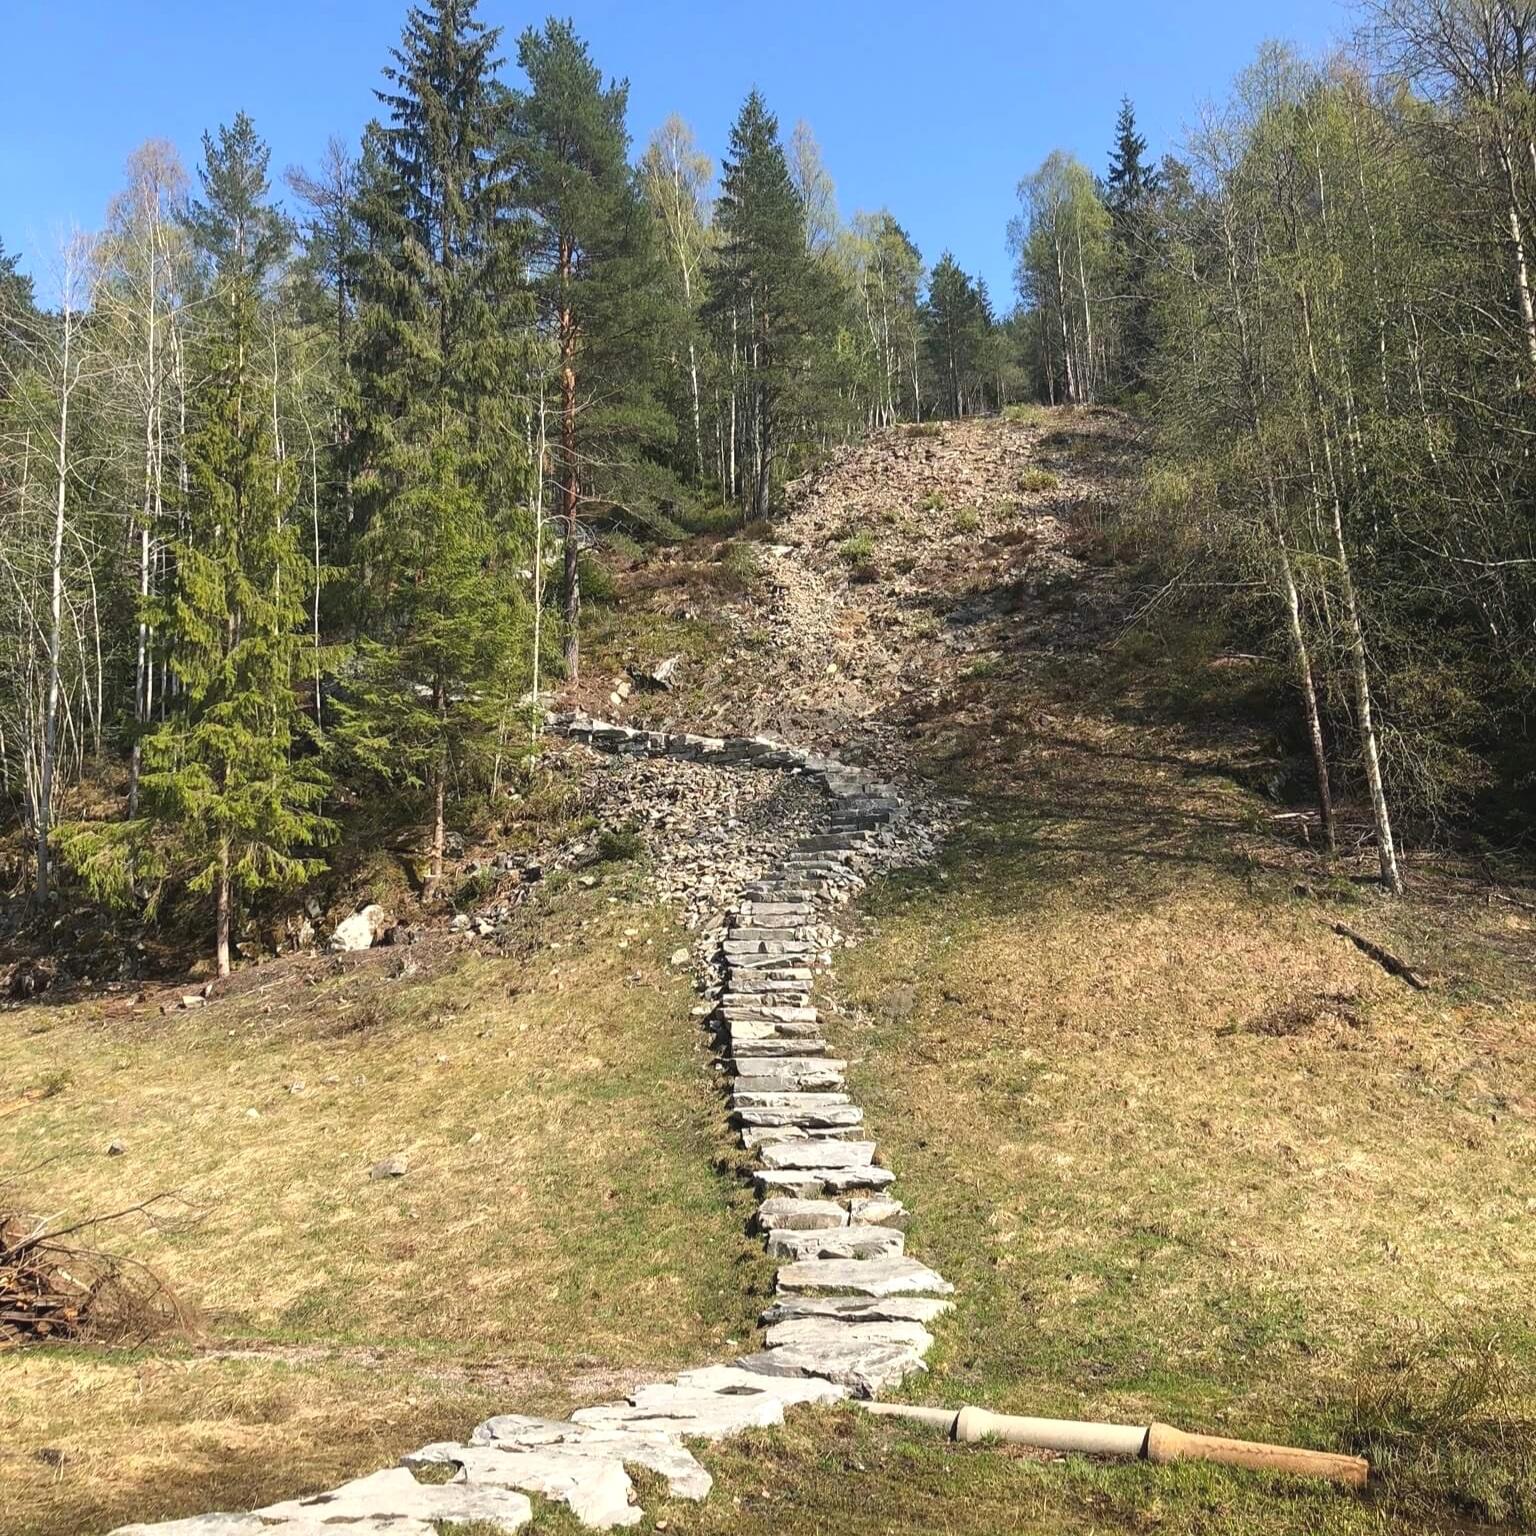 Sherpa-stien på Stovner/Gjelleråsmarka. 270 tonn stein, 300 trinn, 250 meter lang, 70 meter i høydeforskjell. På toppen ligger Gubbero.